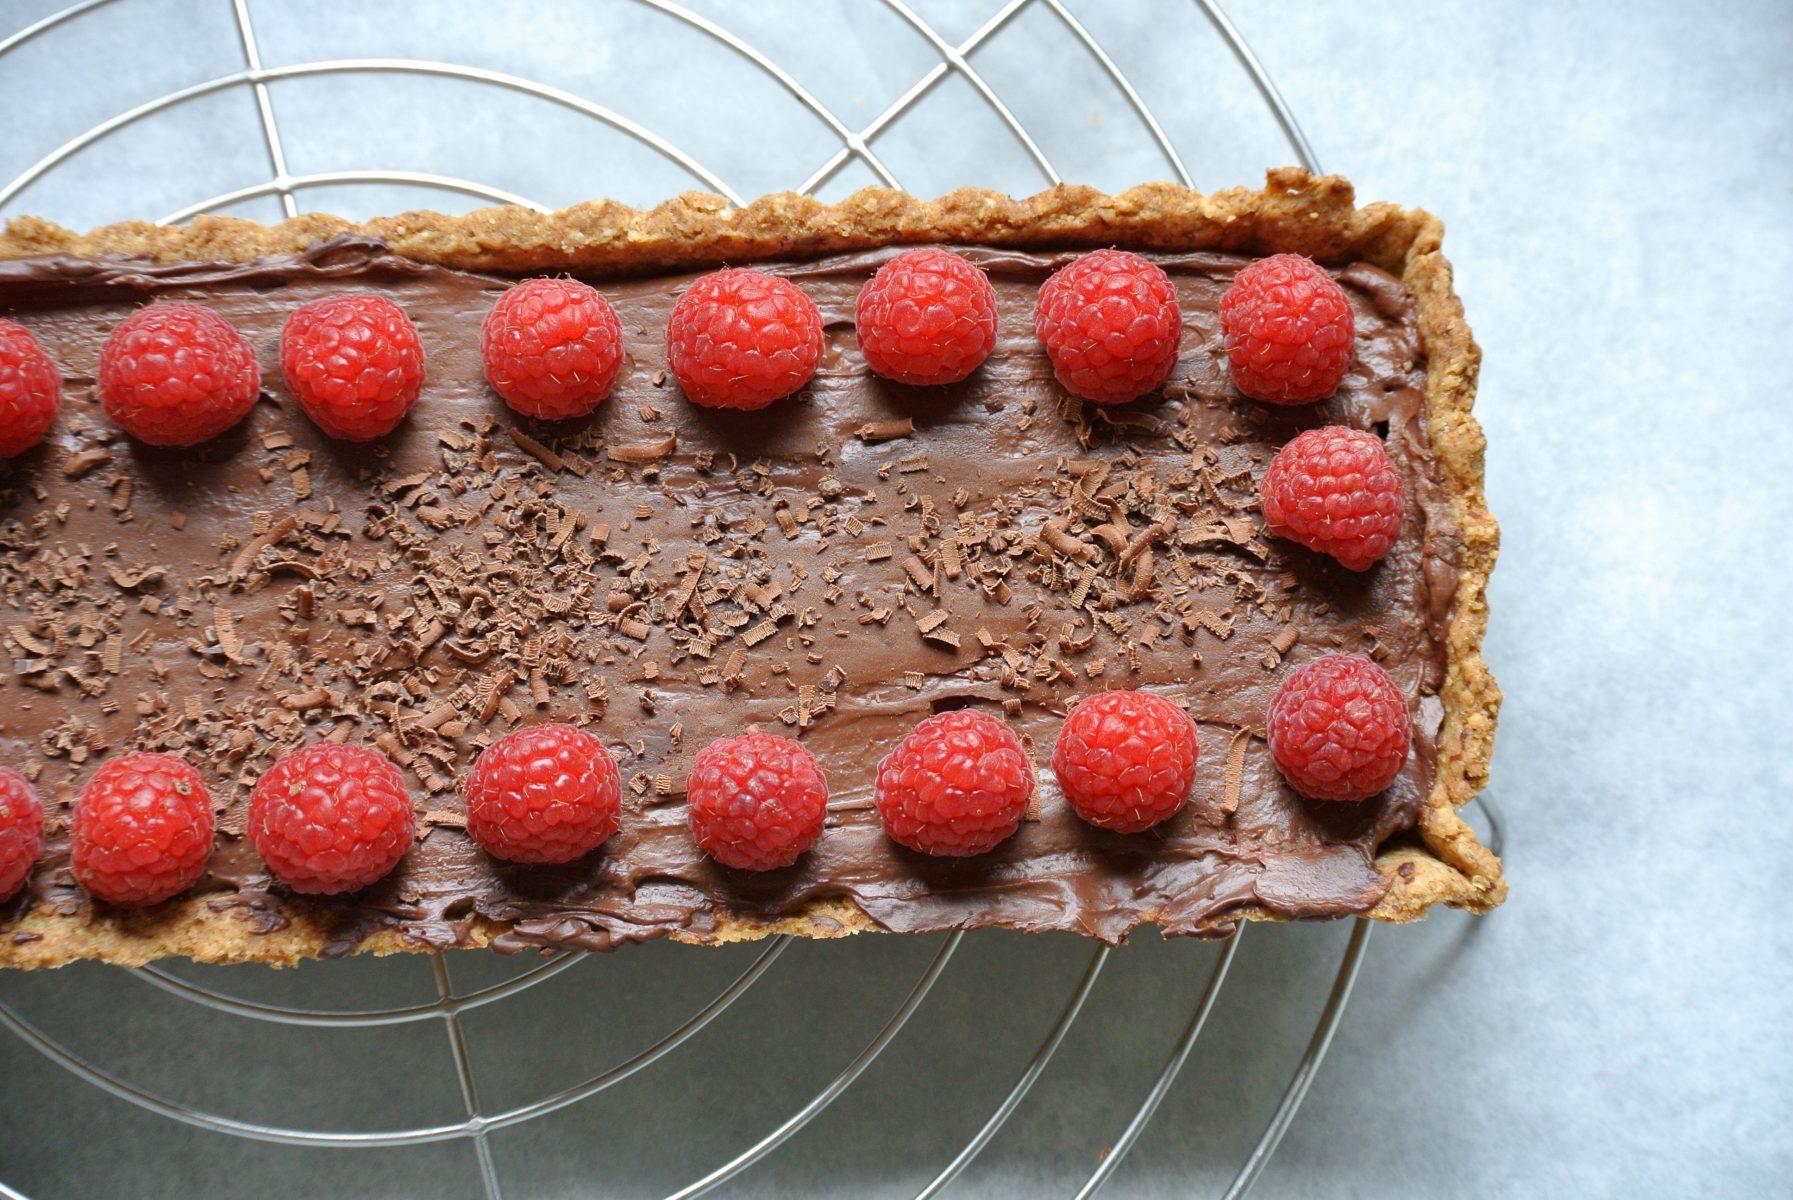 Foodsoul, Thermomix, chocola, chocolade, chocoladetaart, taart, zijden tofu, vegan, recepten, framboos, frambozen, tony's, gezonde recepten